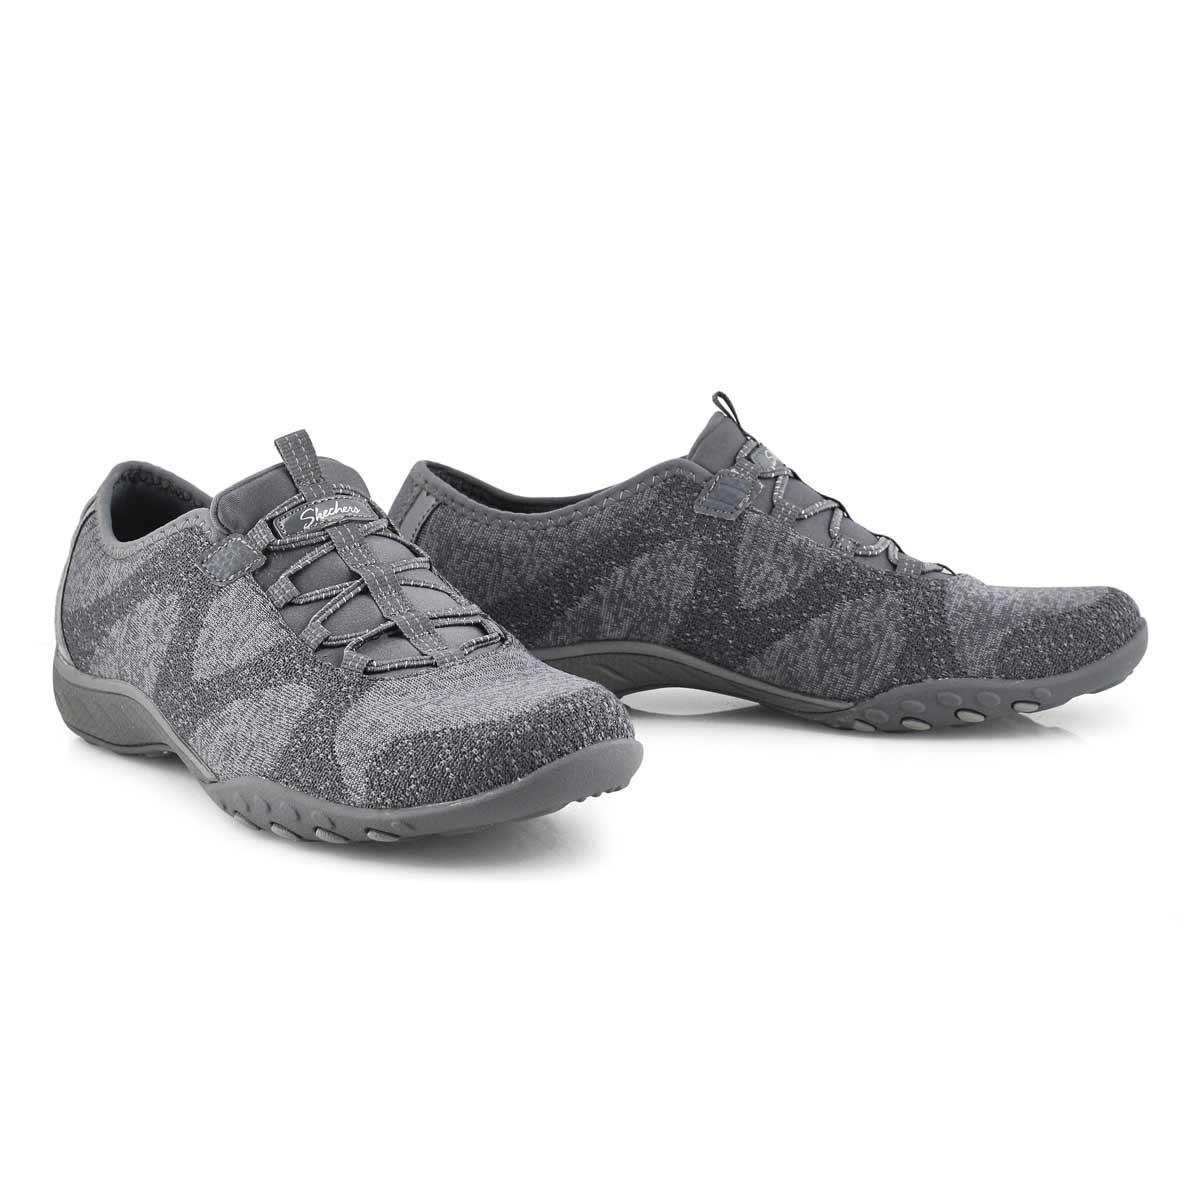 Women's Breathe Easy Sneaker - Charcoal